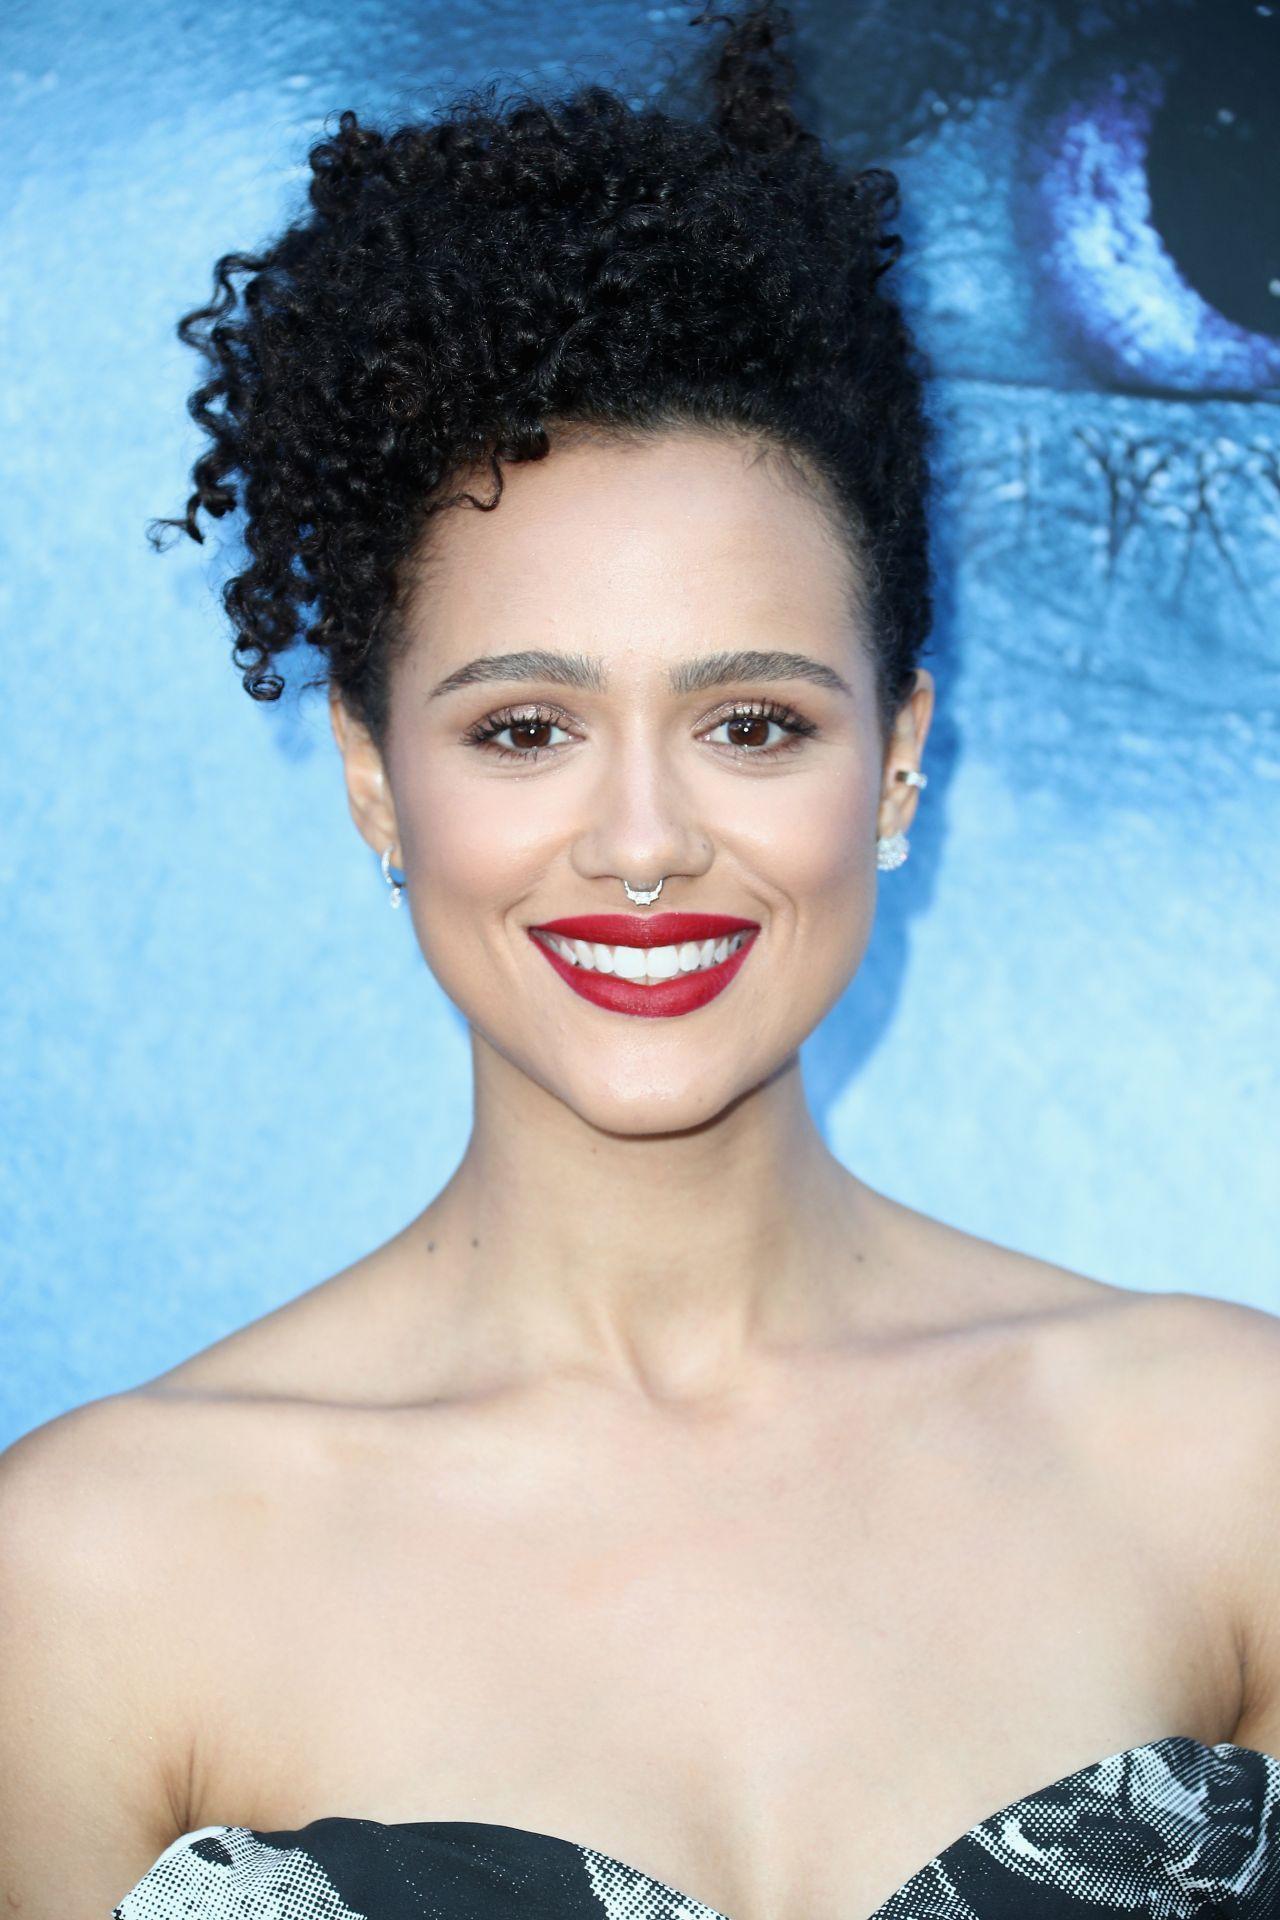 Nathalie Emmanuel at Game of Thrones Season 7 Premiere in